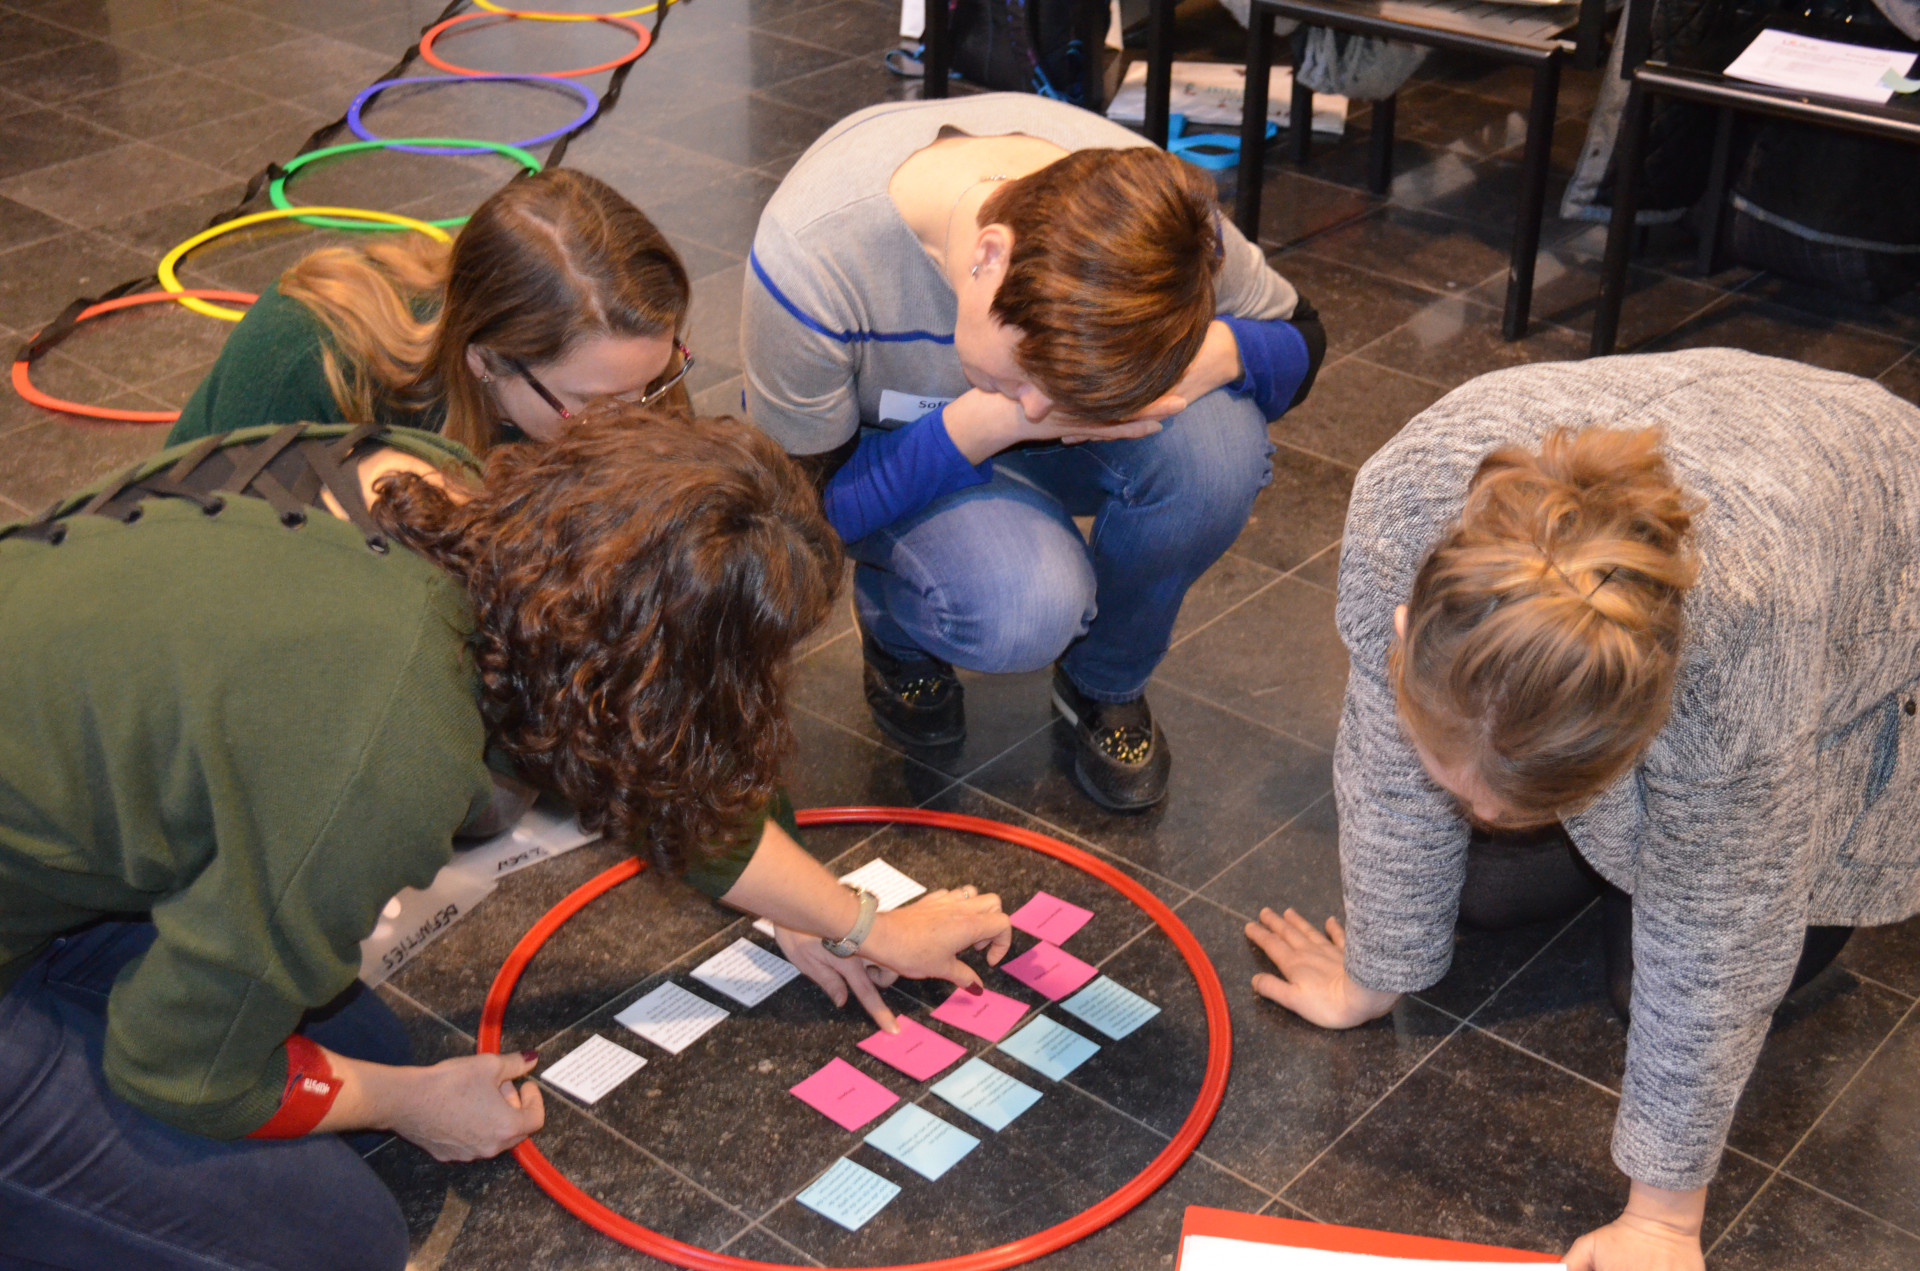 Voor leraren: Samen aan de slag met controverse